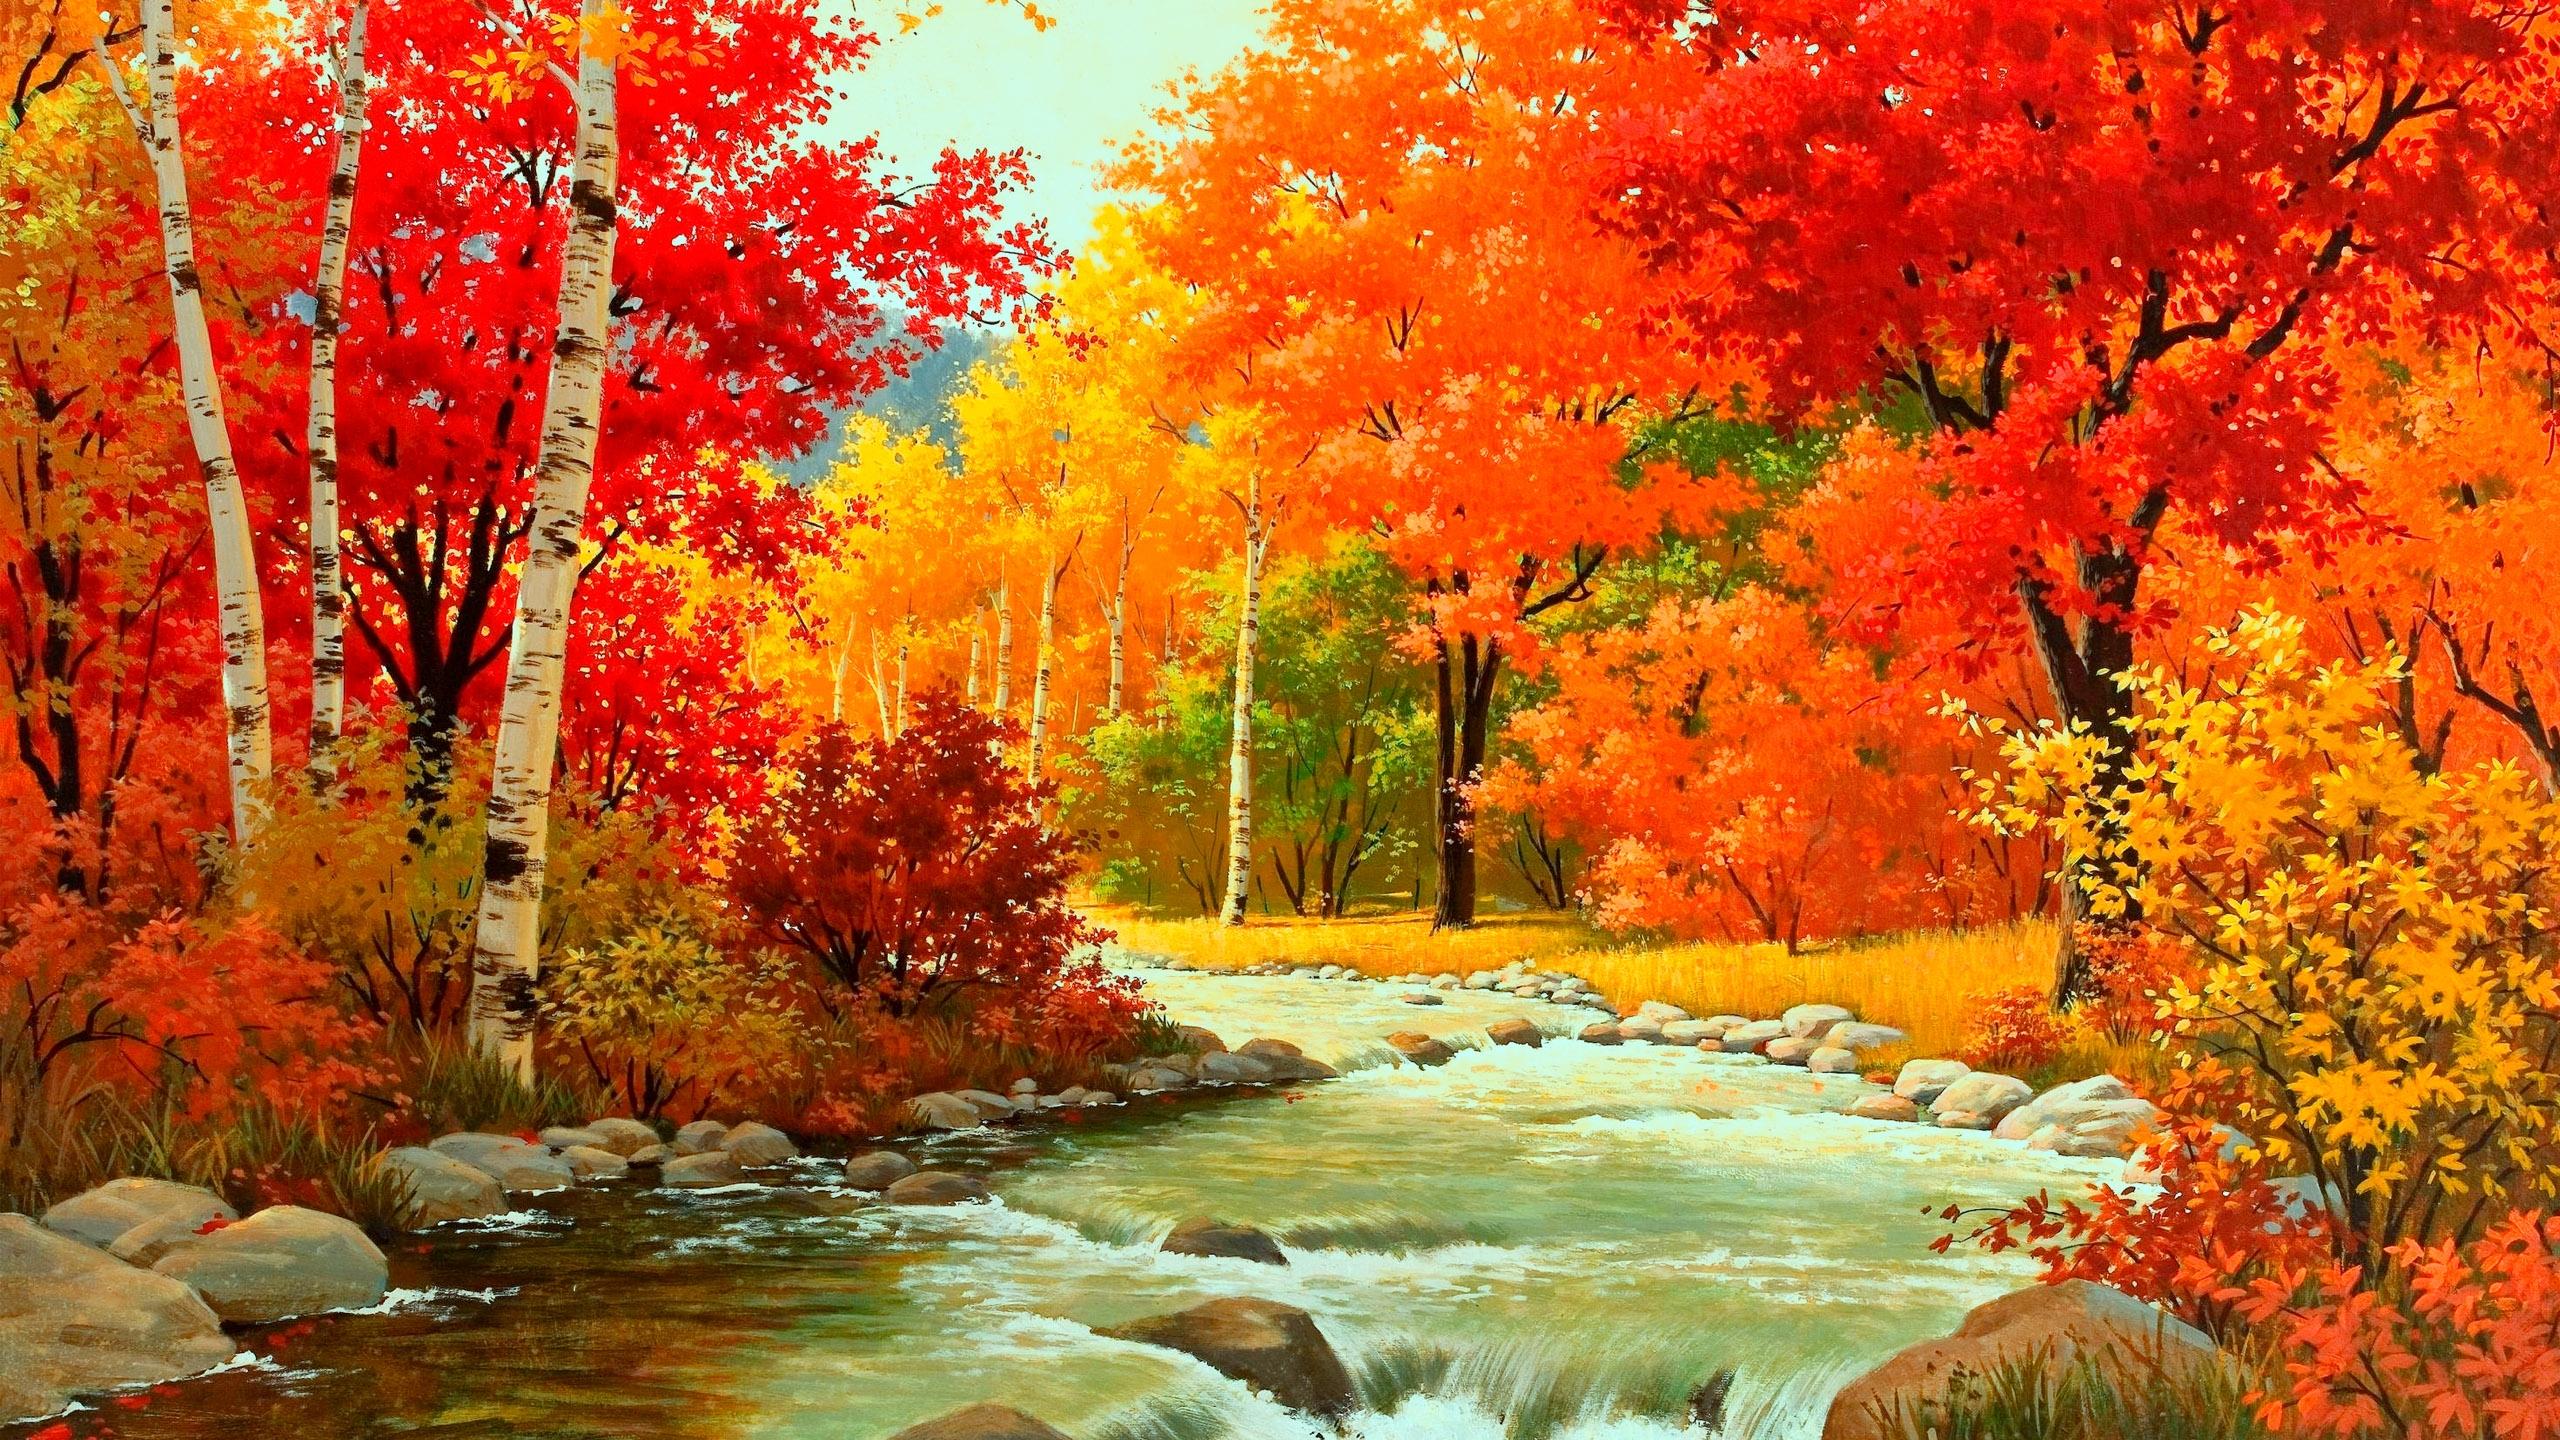 hình nền iphone 5 mùa thu